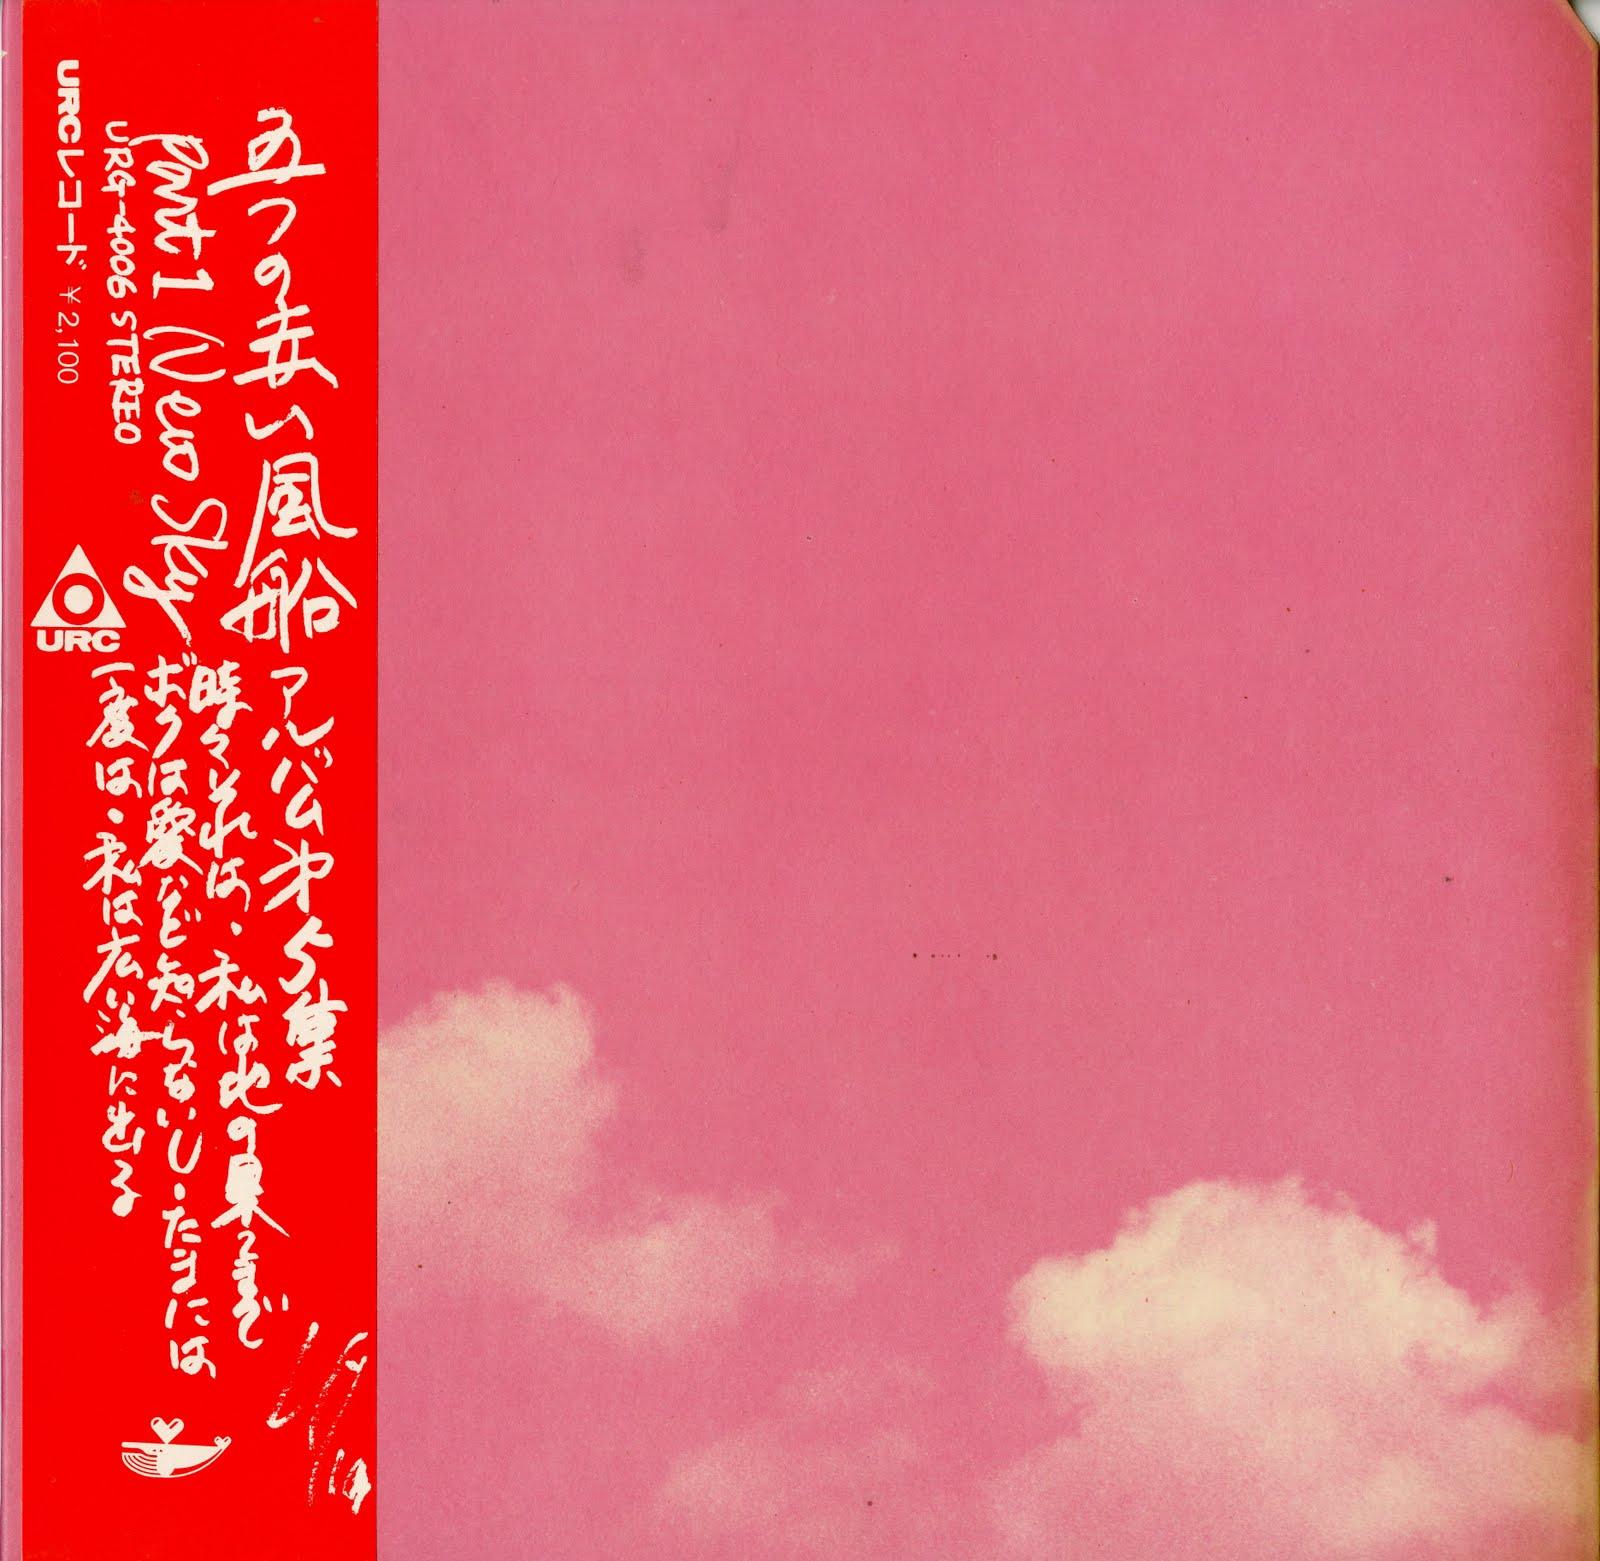 Itsutsu No Akai Fusen New Sky Flight